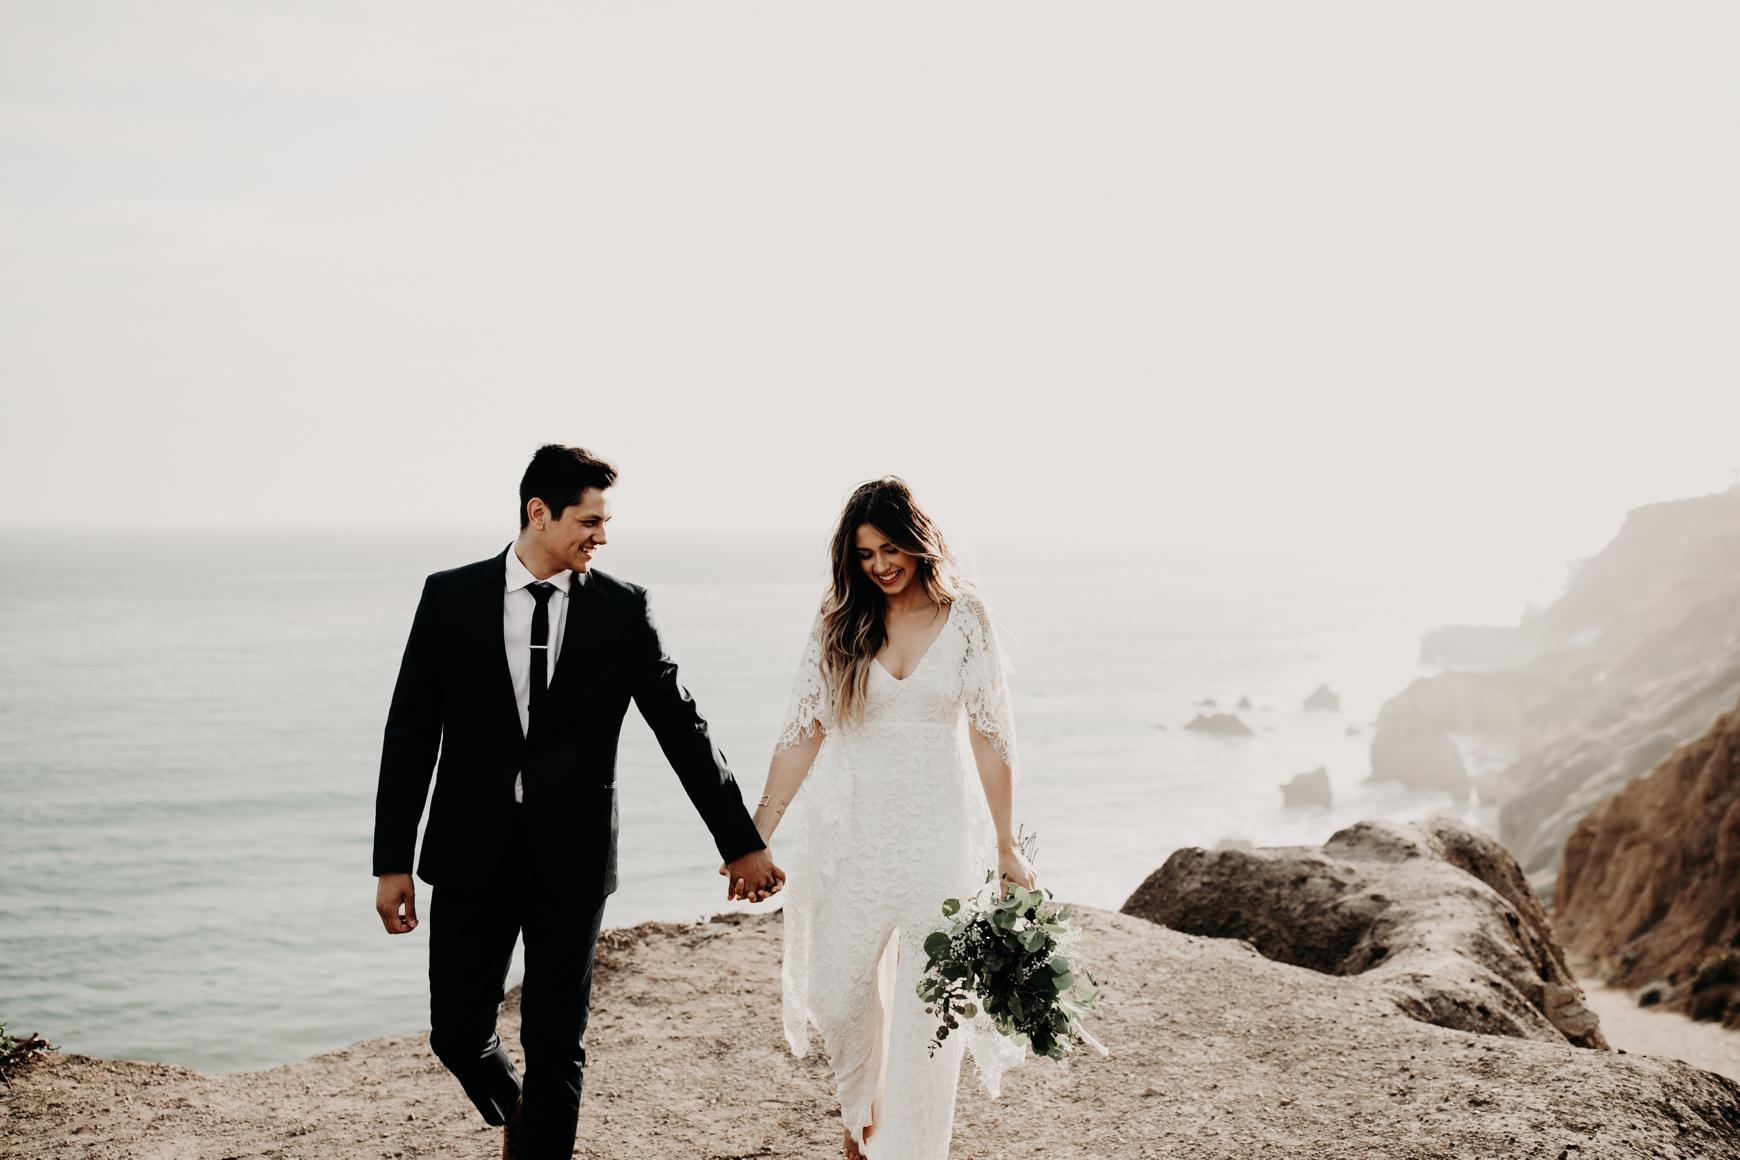 El Matador Beach Bridal Portraits Justellen & TJ Emily Magers Photography-105Emily Magers Photography.jpg